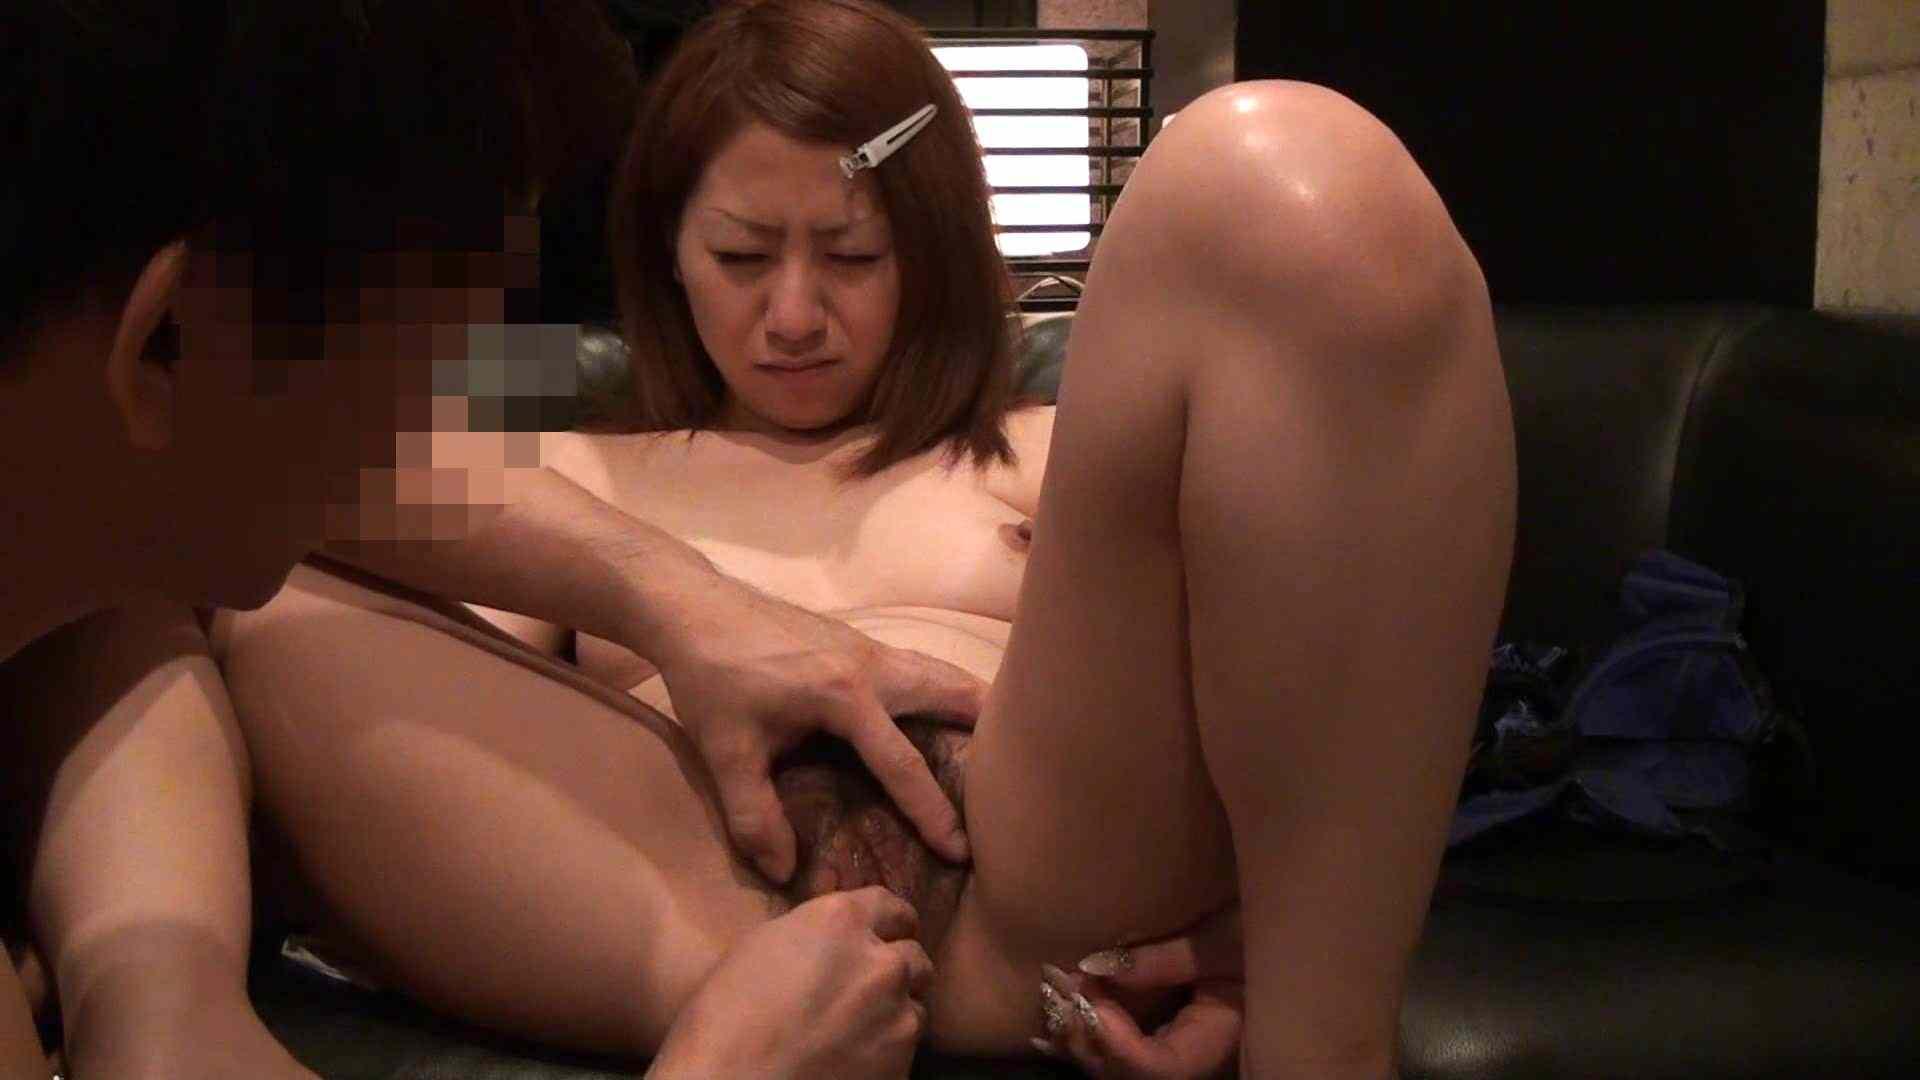 エロギャル!SEXパリピ! Vol.12 卑猥 盗み撮り動画キャプチャ 85pic 39